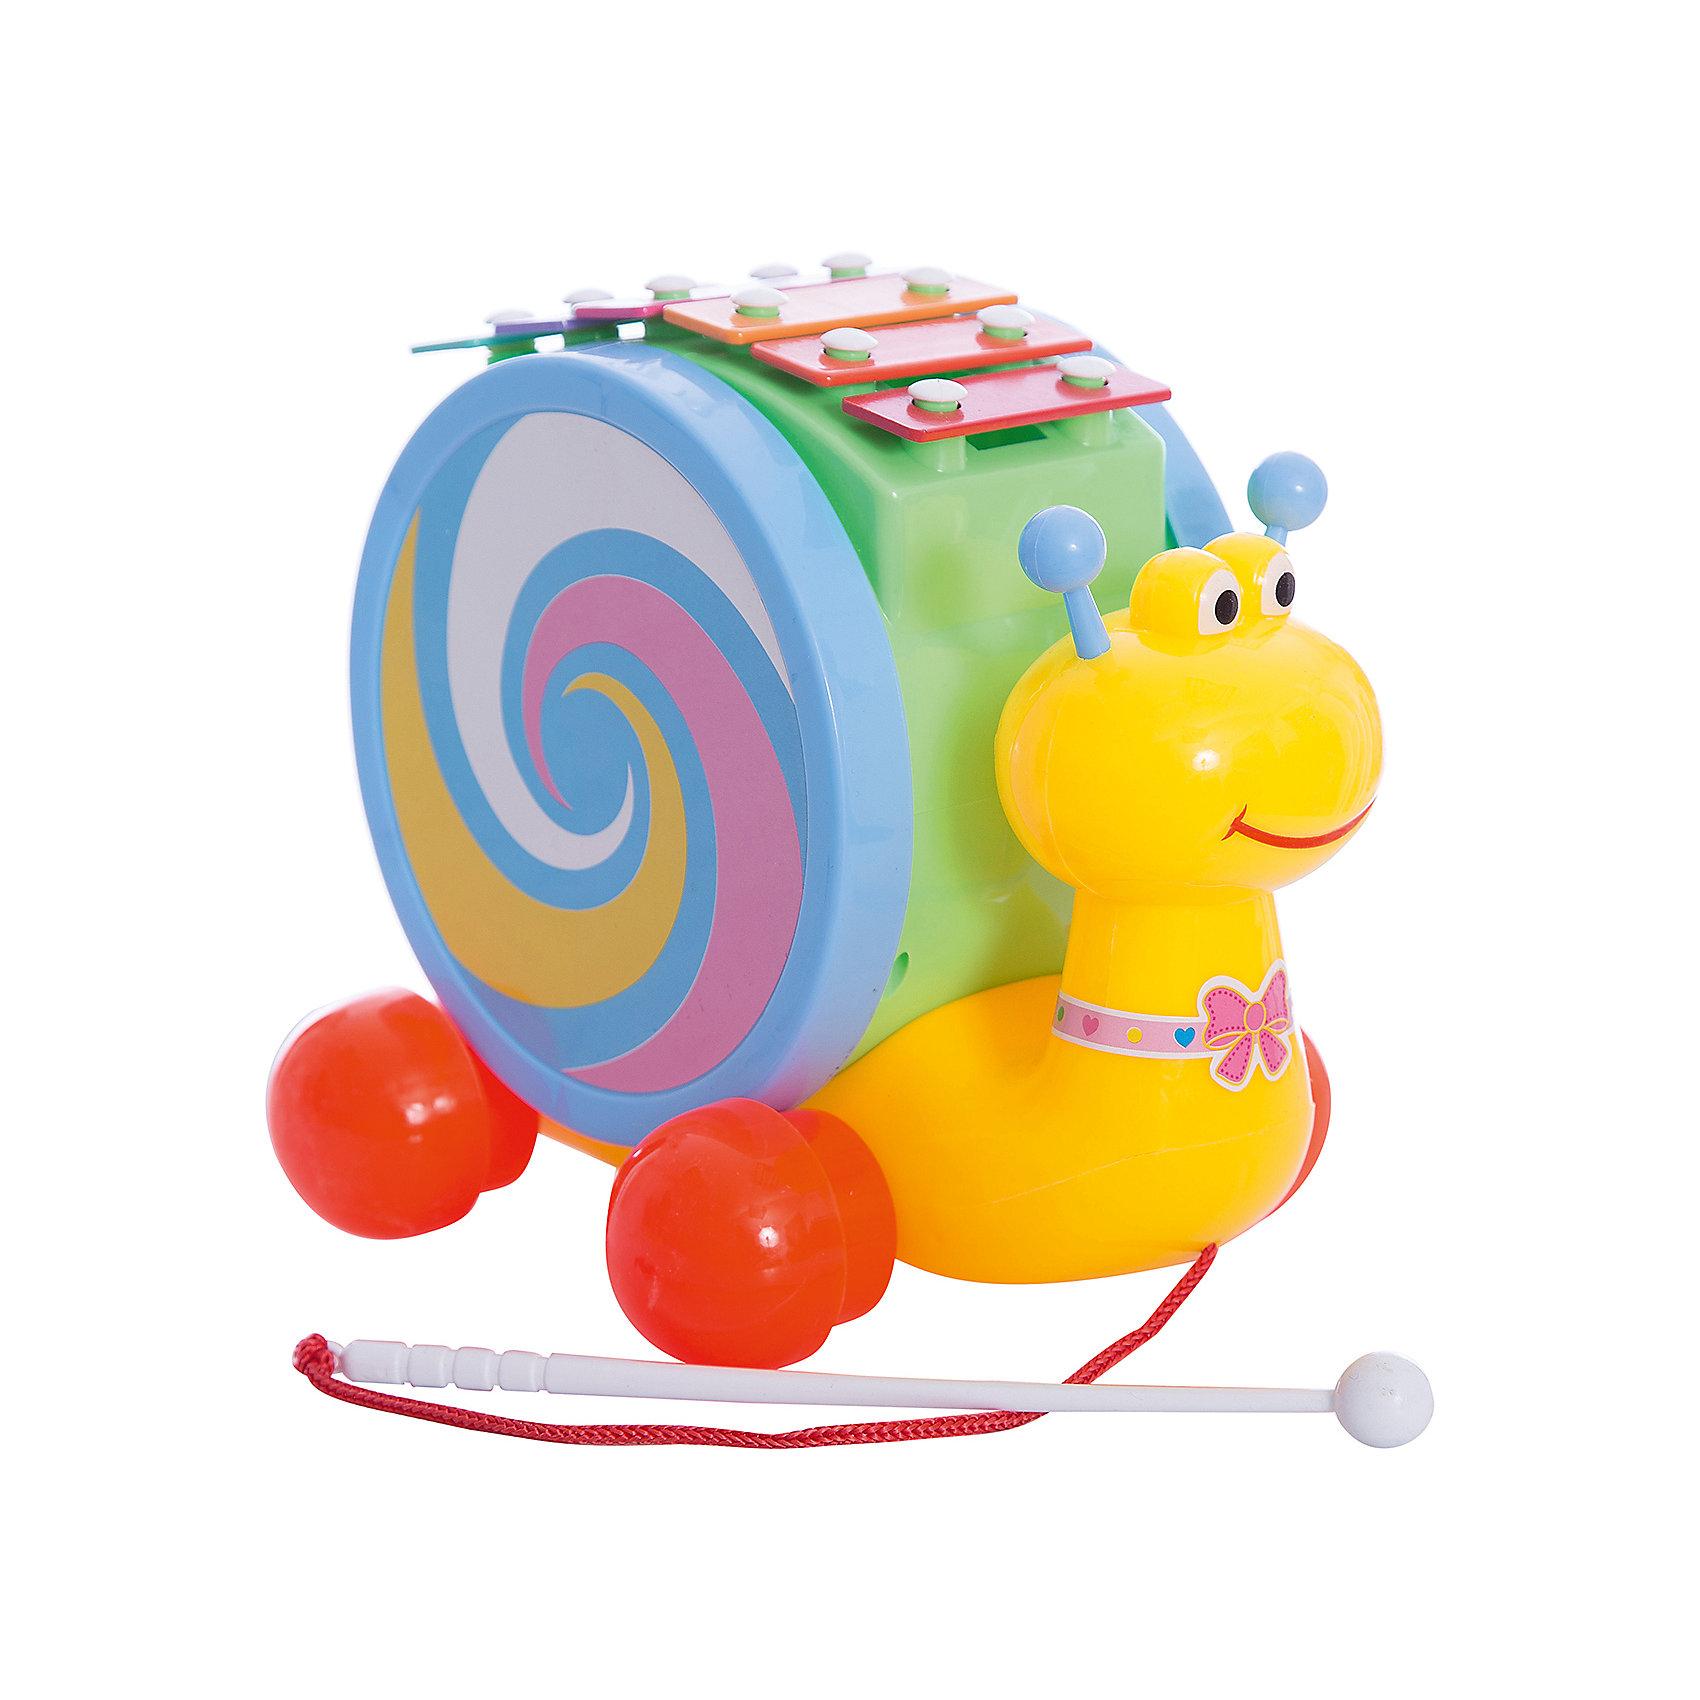 Каталка-улитка. Барабан. Ксилофон, Shantou GepaiИгрушки-каталки<br>Каталка-улитка. Барабан. Ксилофон, Shantou Gepai – это веселая улитка три в одном, с которой так весело играть и развиваться! Разноцветная улитка привлечет внимание и малышу захочется проводить с ней много времени. Круглая большая «раковина» улитки на самом деле - пластиковый барабан, а палочка на шнурке, за которую улитку можно катать – барабанная палочка! На верху улитки расположены шесть клавиш цветов радуги – эти клавиши и есть ксилофон. Улитка поможет малышу развить вкус к музыке и поможет отлично провести время. Также с ней можно развивать координацию движения и развеселить шагающего малыша. <br><br>Дополнительная информация:<br><br>- В комплект входит: 1 каталка<br>- Материал: АБС пластик<br>- Размер: 22 * 16 * 27 см<br><br>Каталку-улитка. Барабан. Ксилофон, Shantou Gepai можно купить в нашем интернет-магазине.<br><br>Подробнее:<br>• Для детей в возрасте: от 3 до 6 лет<br>• Номер товара: 4925517<br>Страна производитель: Китай<br><br>Ширина мм: 220<br>Глубина мм: 155<br>Высота мм: 270<br>Вес г: 675<br>Возраст от месяцев: 36<br>Возраст до месяцев: 72<br>Пол: Унисекс<br>Возраст: Детский<br>SKU: 4925517